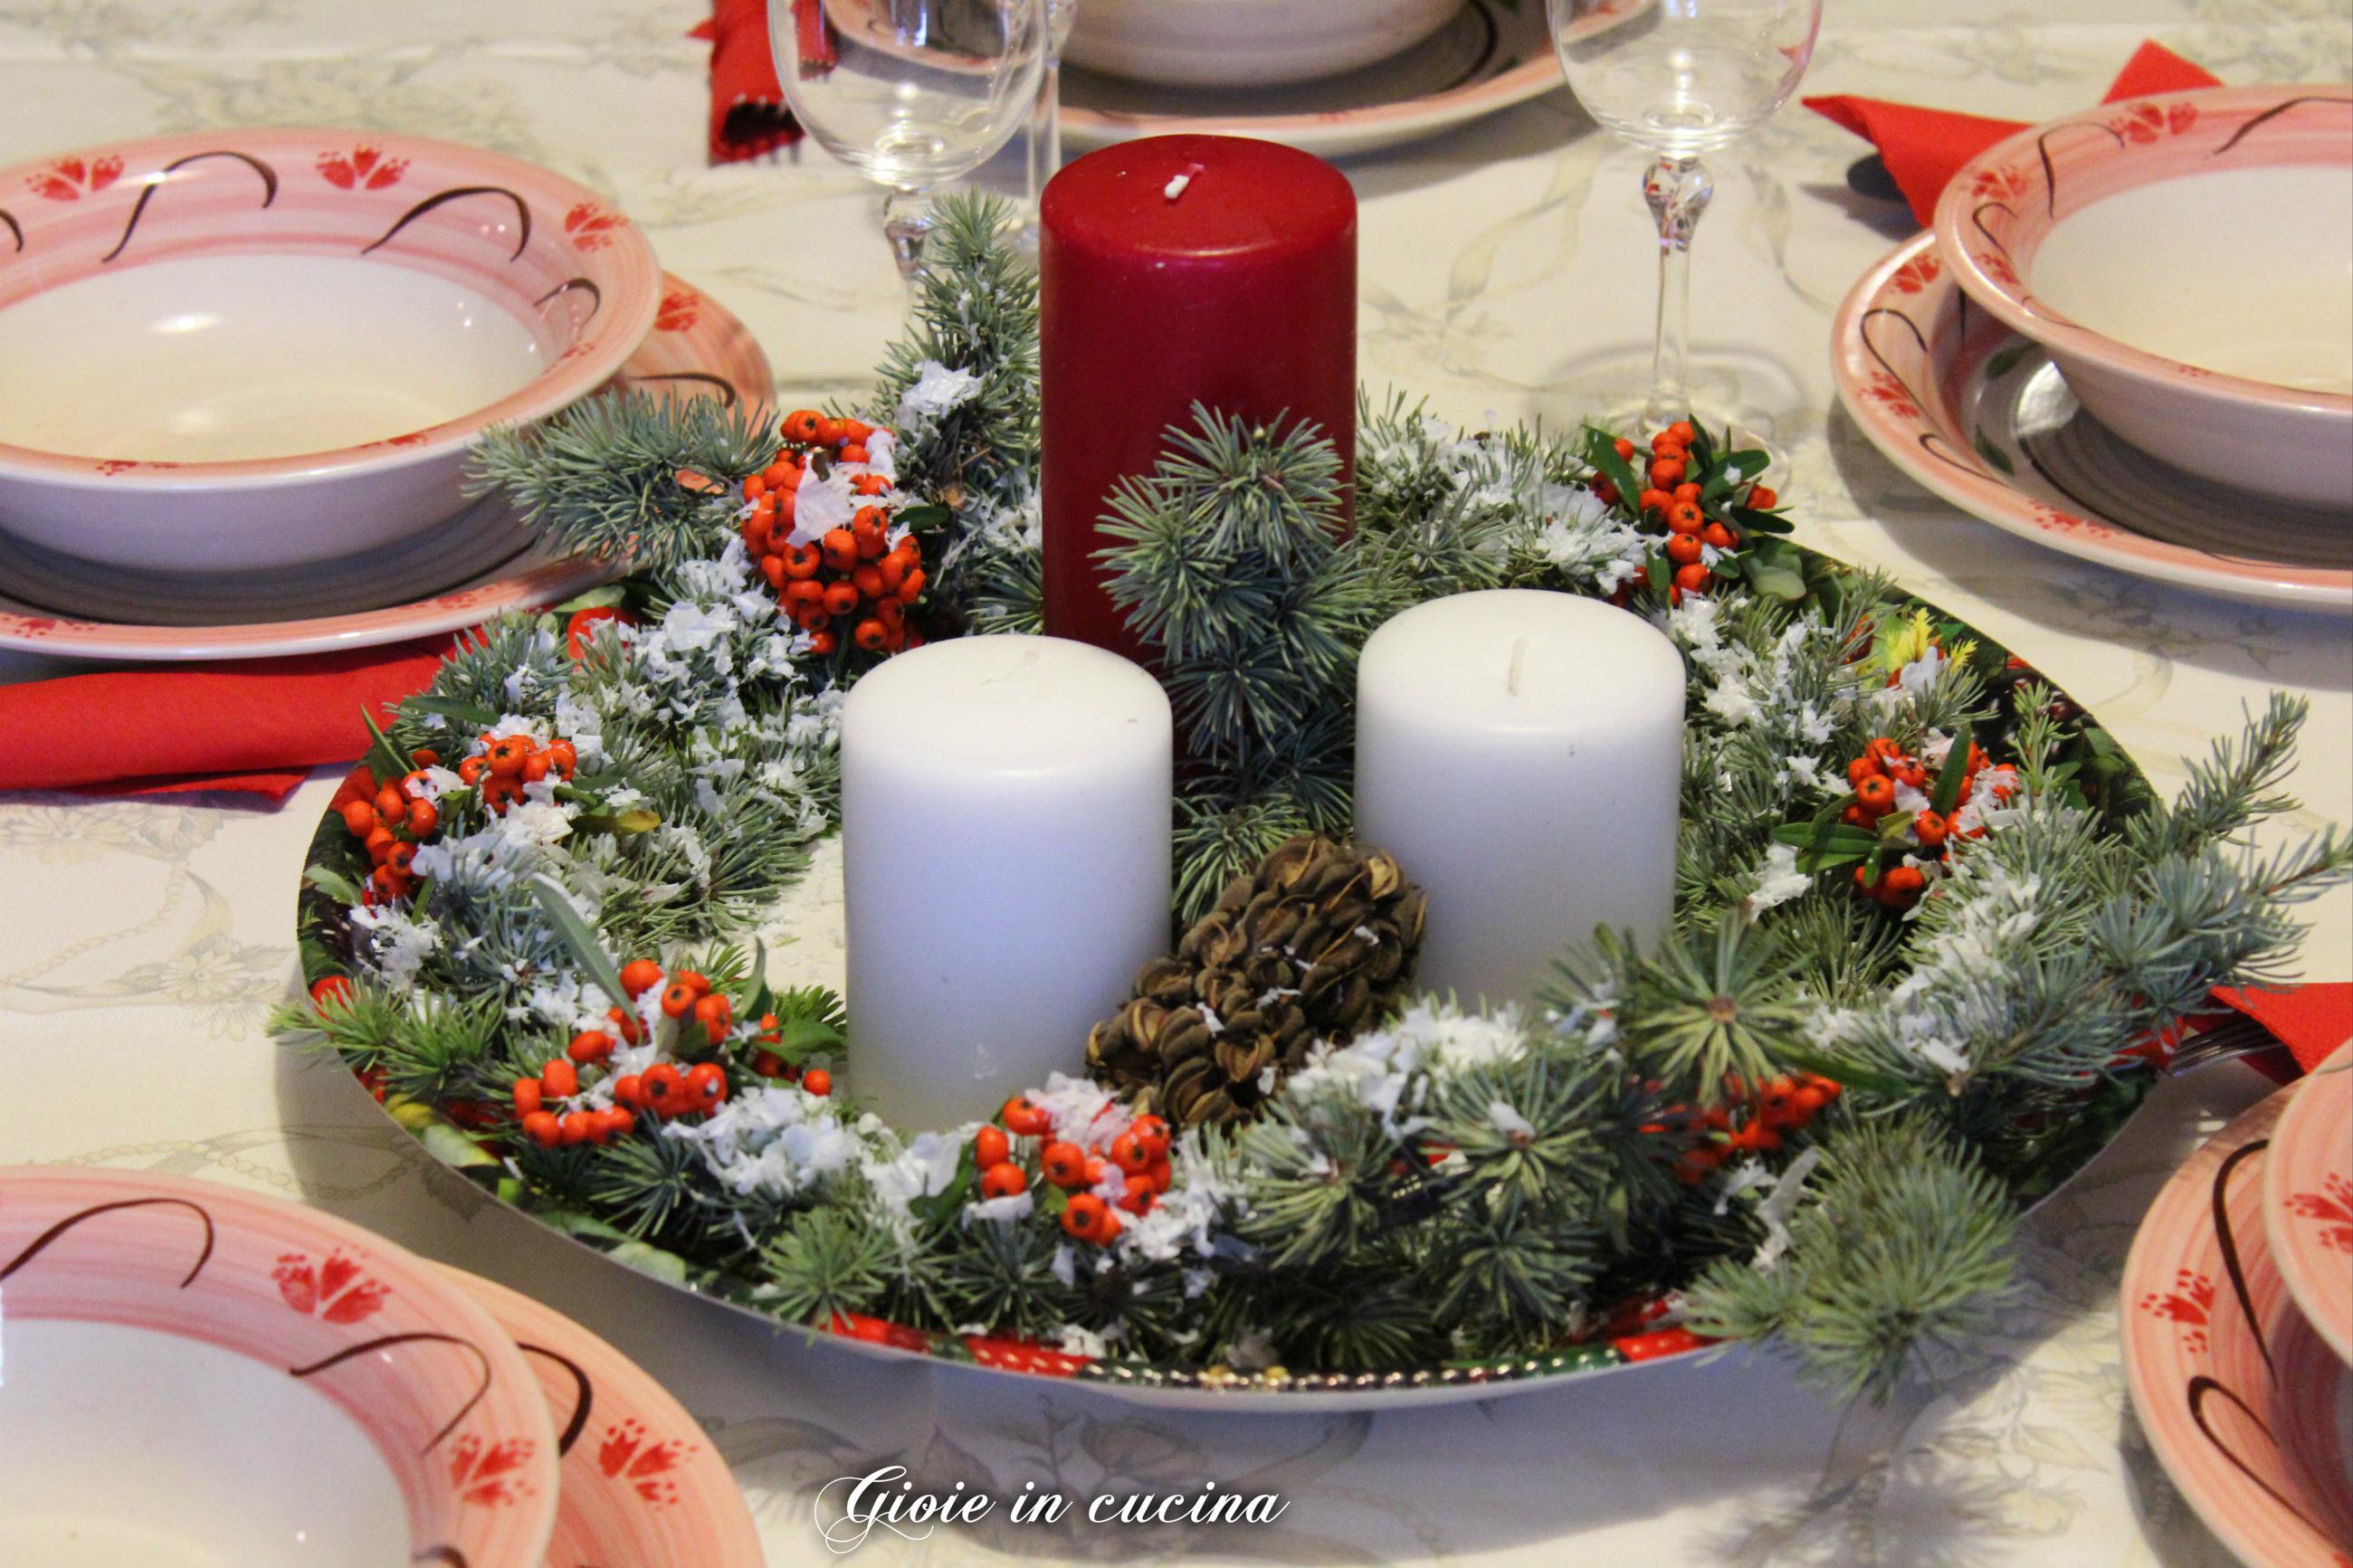 Centro tavola natalizio fai da te gioie in cucina for Idee per centrotavola di natale